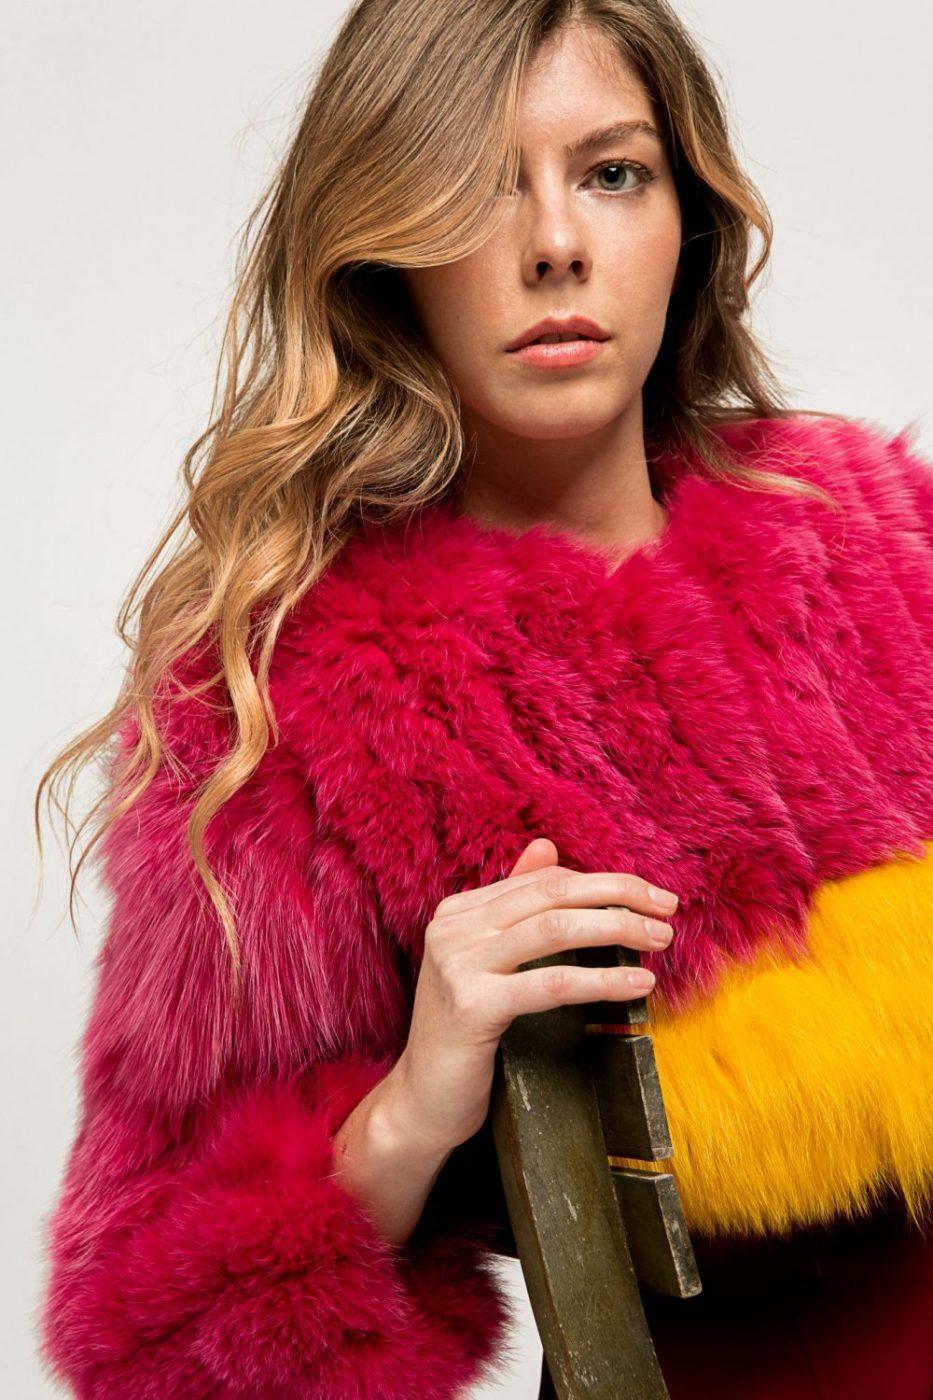 Torera de piel y pelo rosa y amarillo